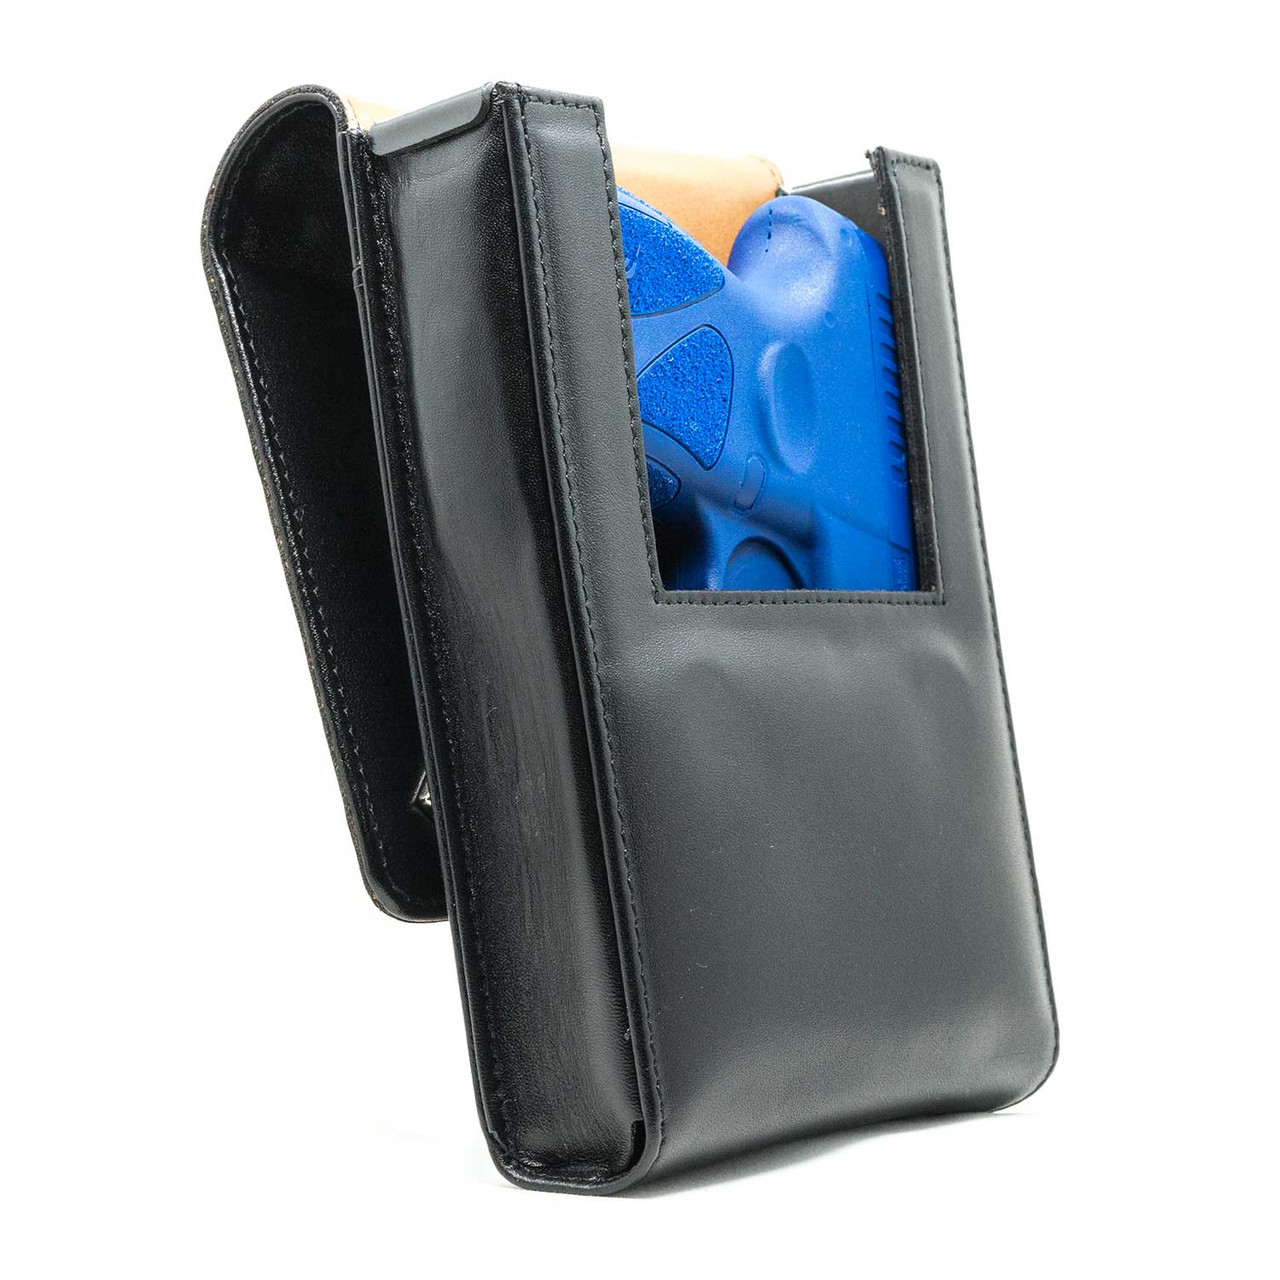 Taurus G2S Concealed Carry Holster (Belt Loop)